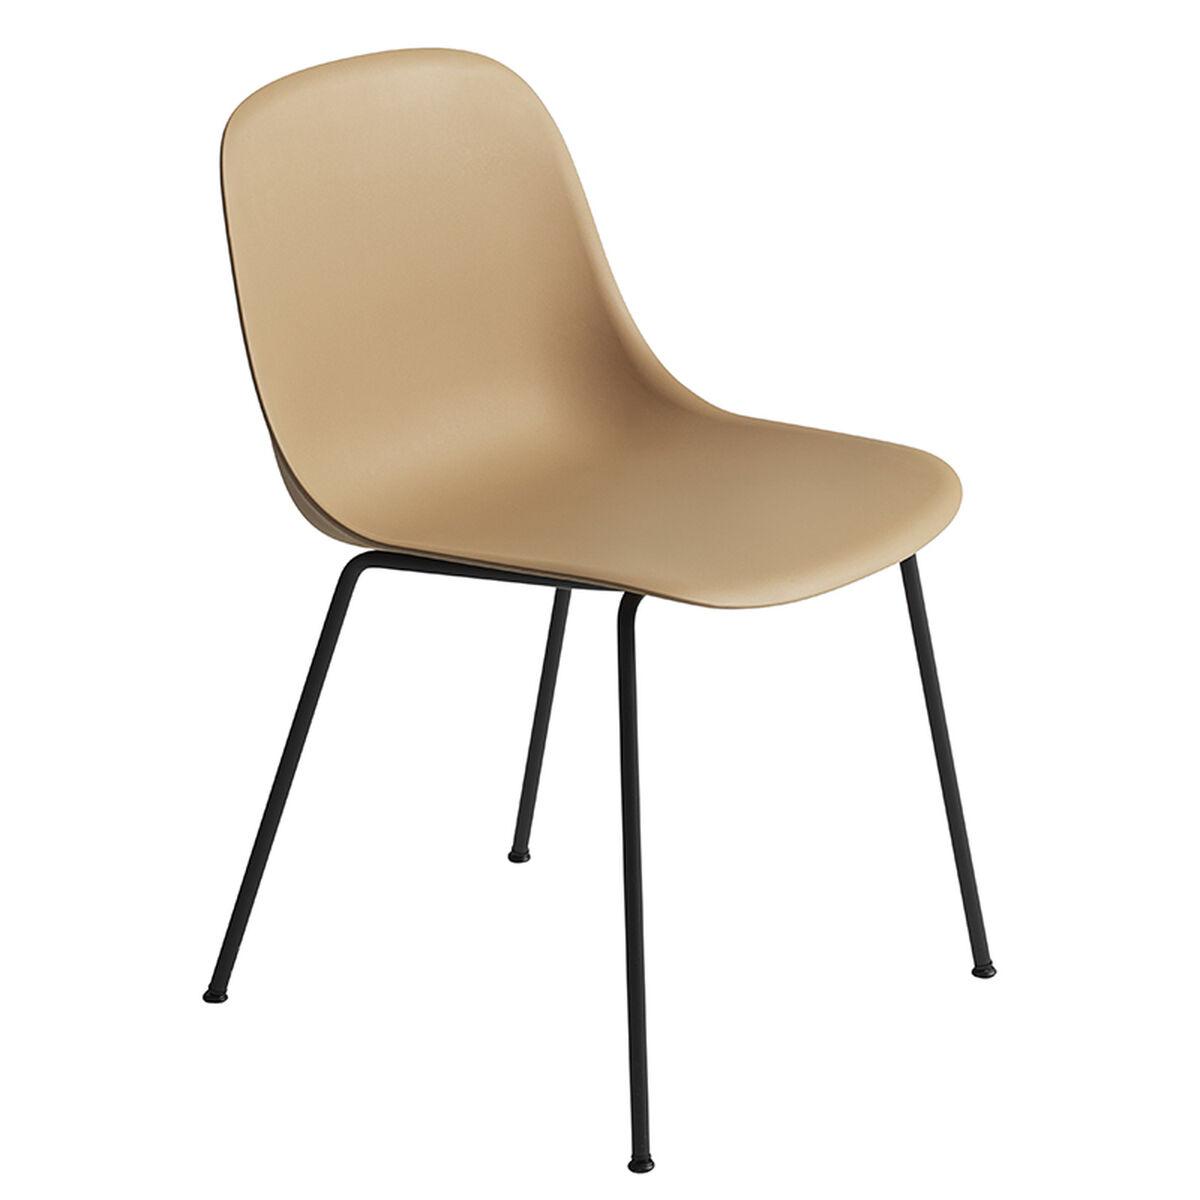 Muuto Fiber ruokapöydän tuoli, putkijalat, okra - musta